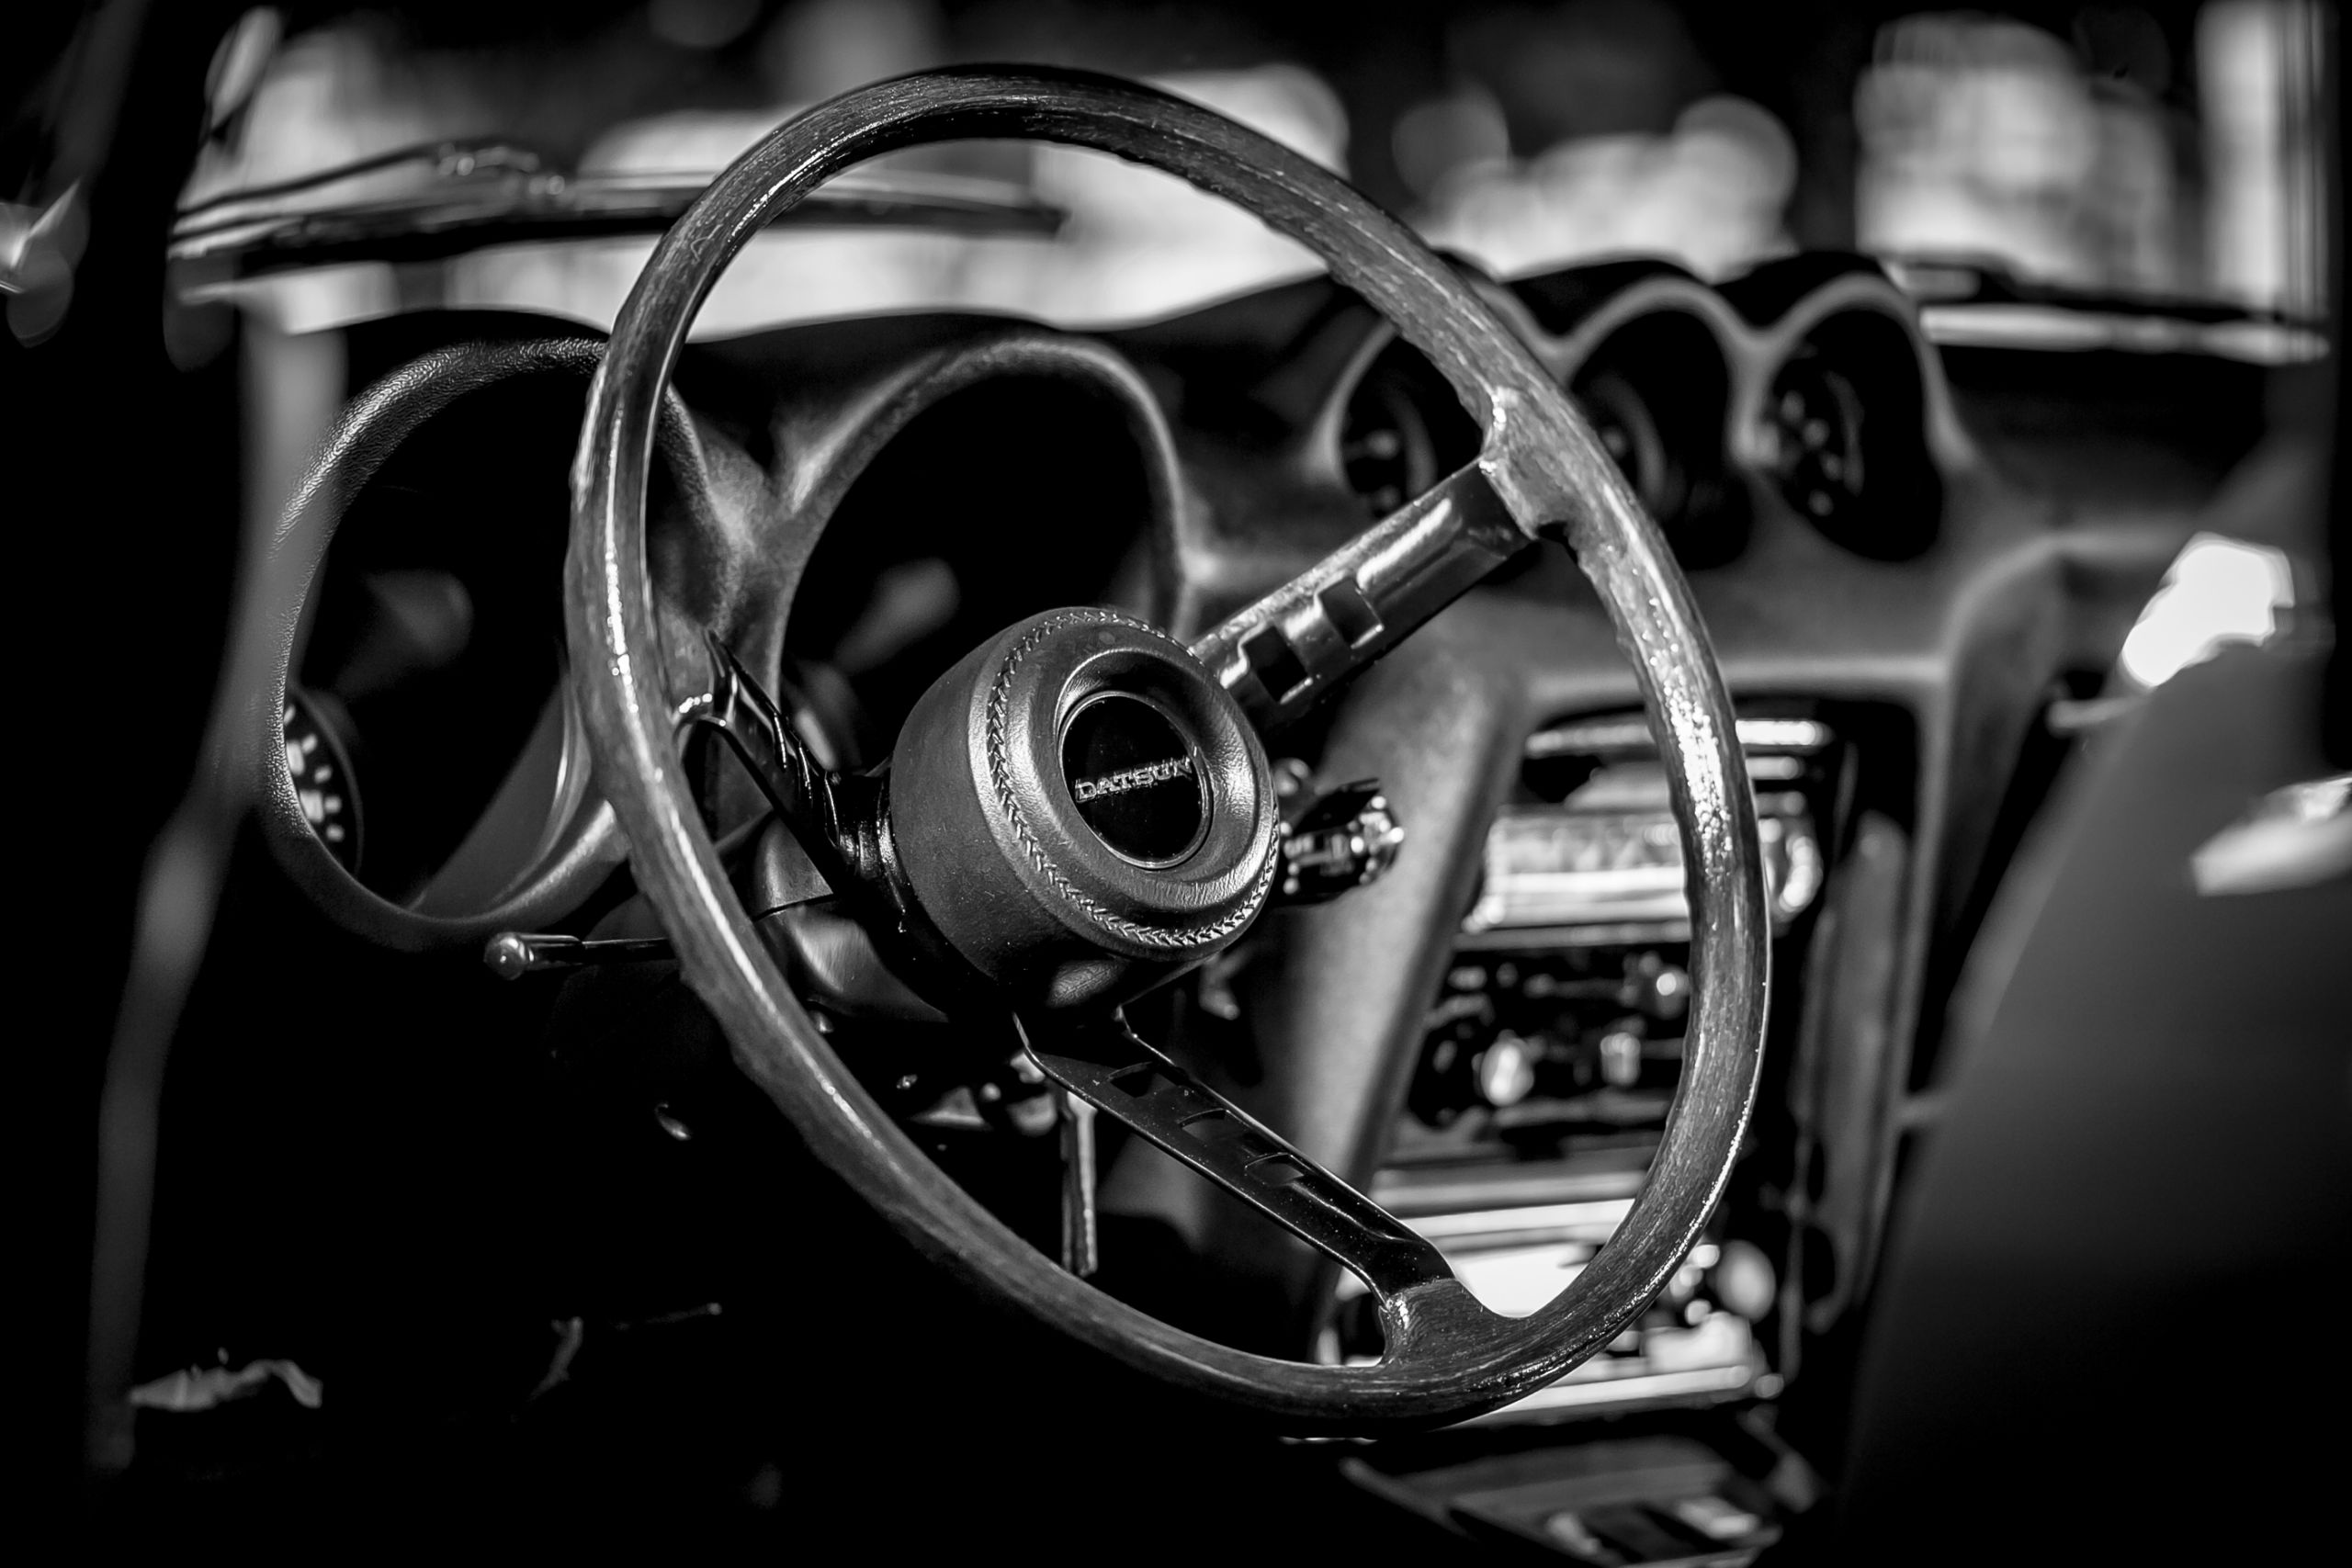 Original Vinyl Innenausstattung eines Datsun 240z zu verkaufen